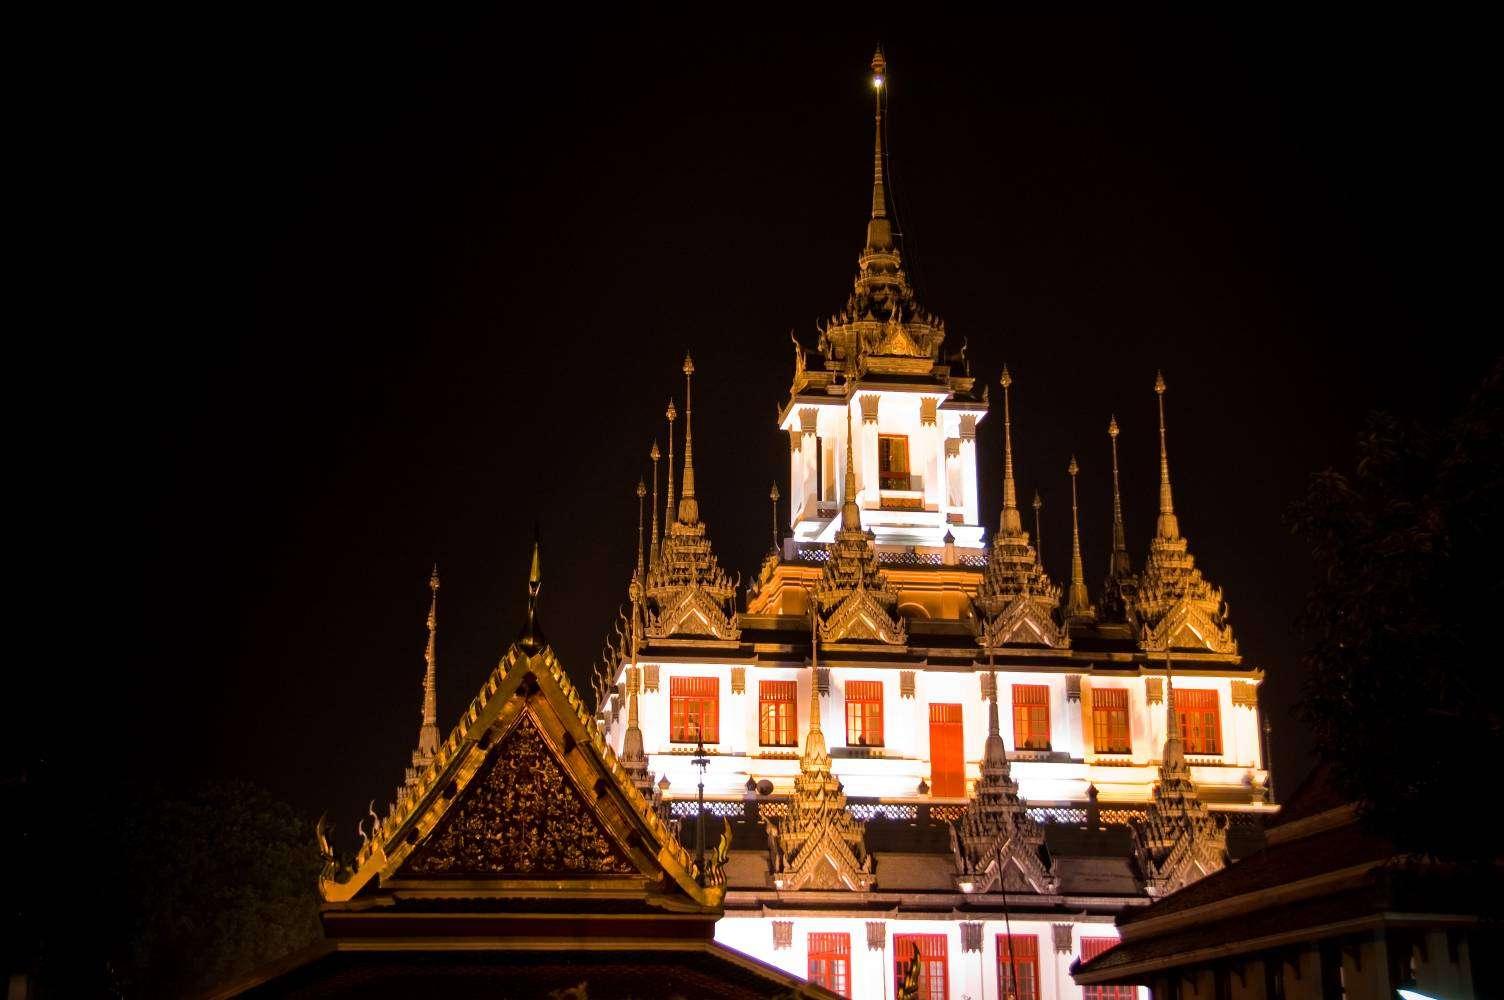 De Loha Prasat tempel in Bangkok in de nacht uitgelicht